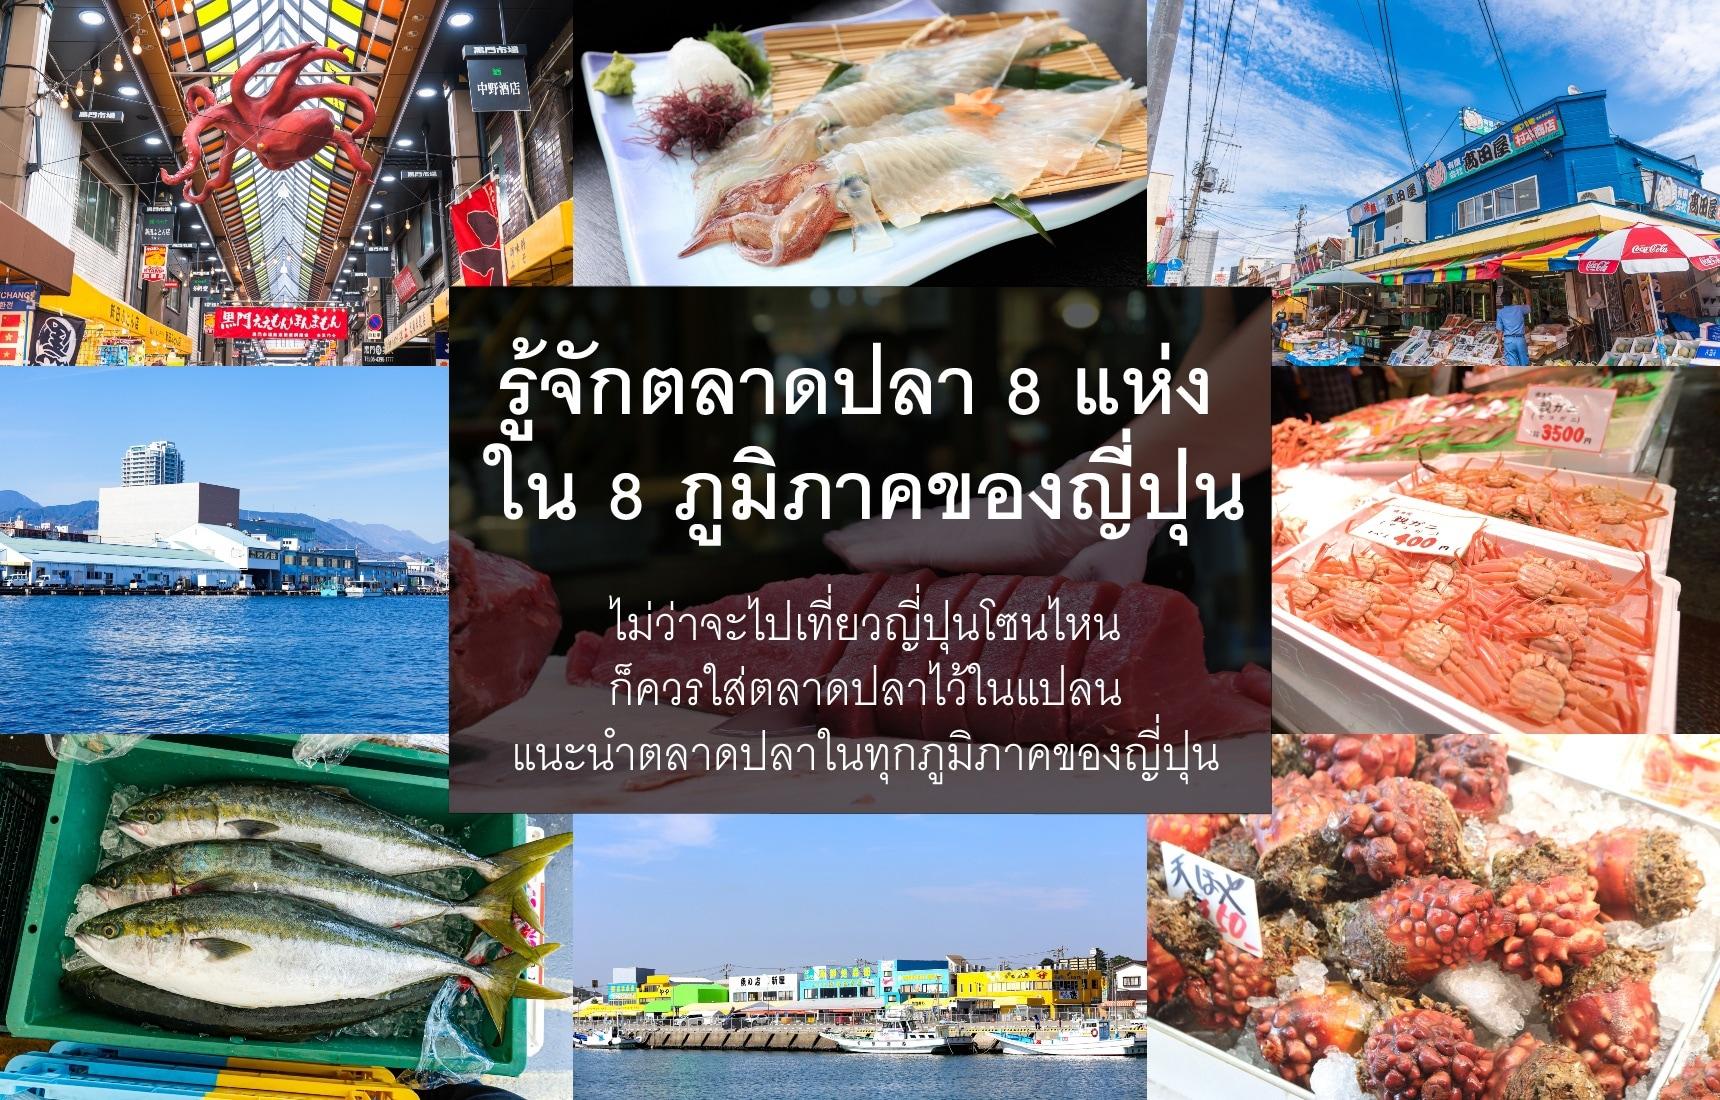 รู้จักตลาดปลา 8 แห่ง ใน 8 ภูมิภาคของญี่ปุ่น